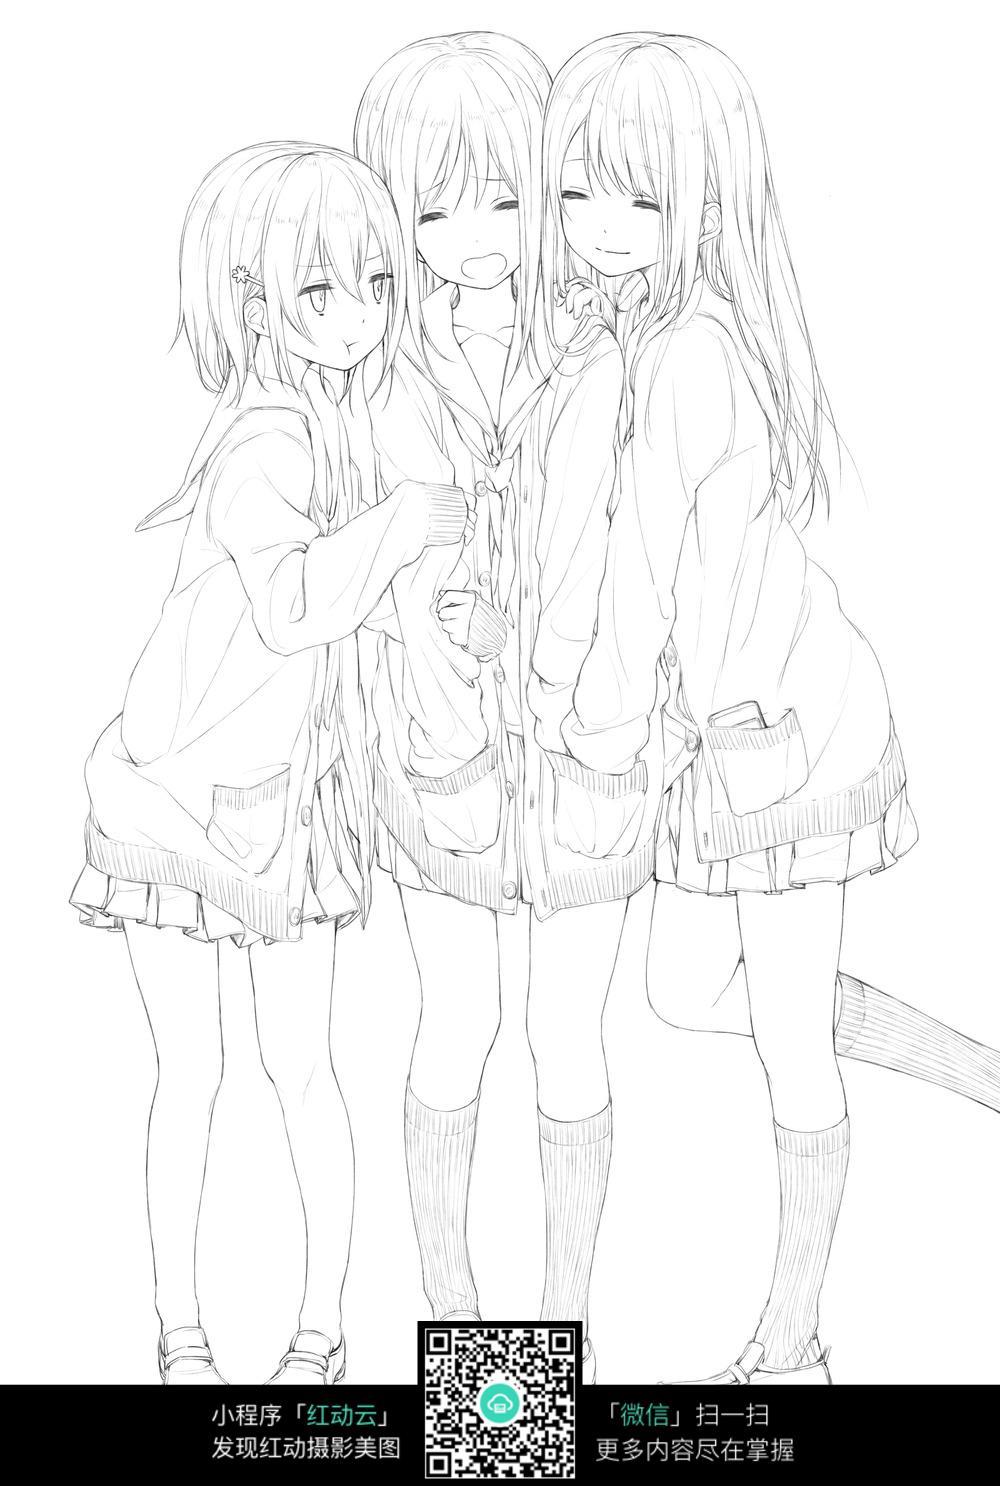 三个女孩卡通手绘线稿图片